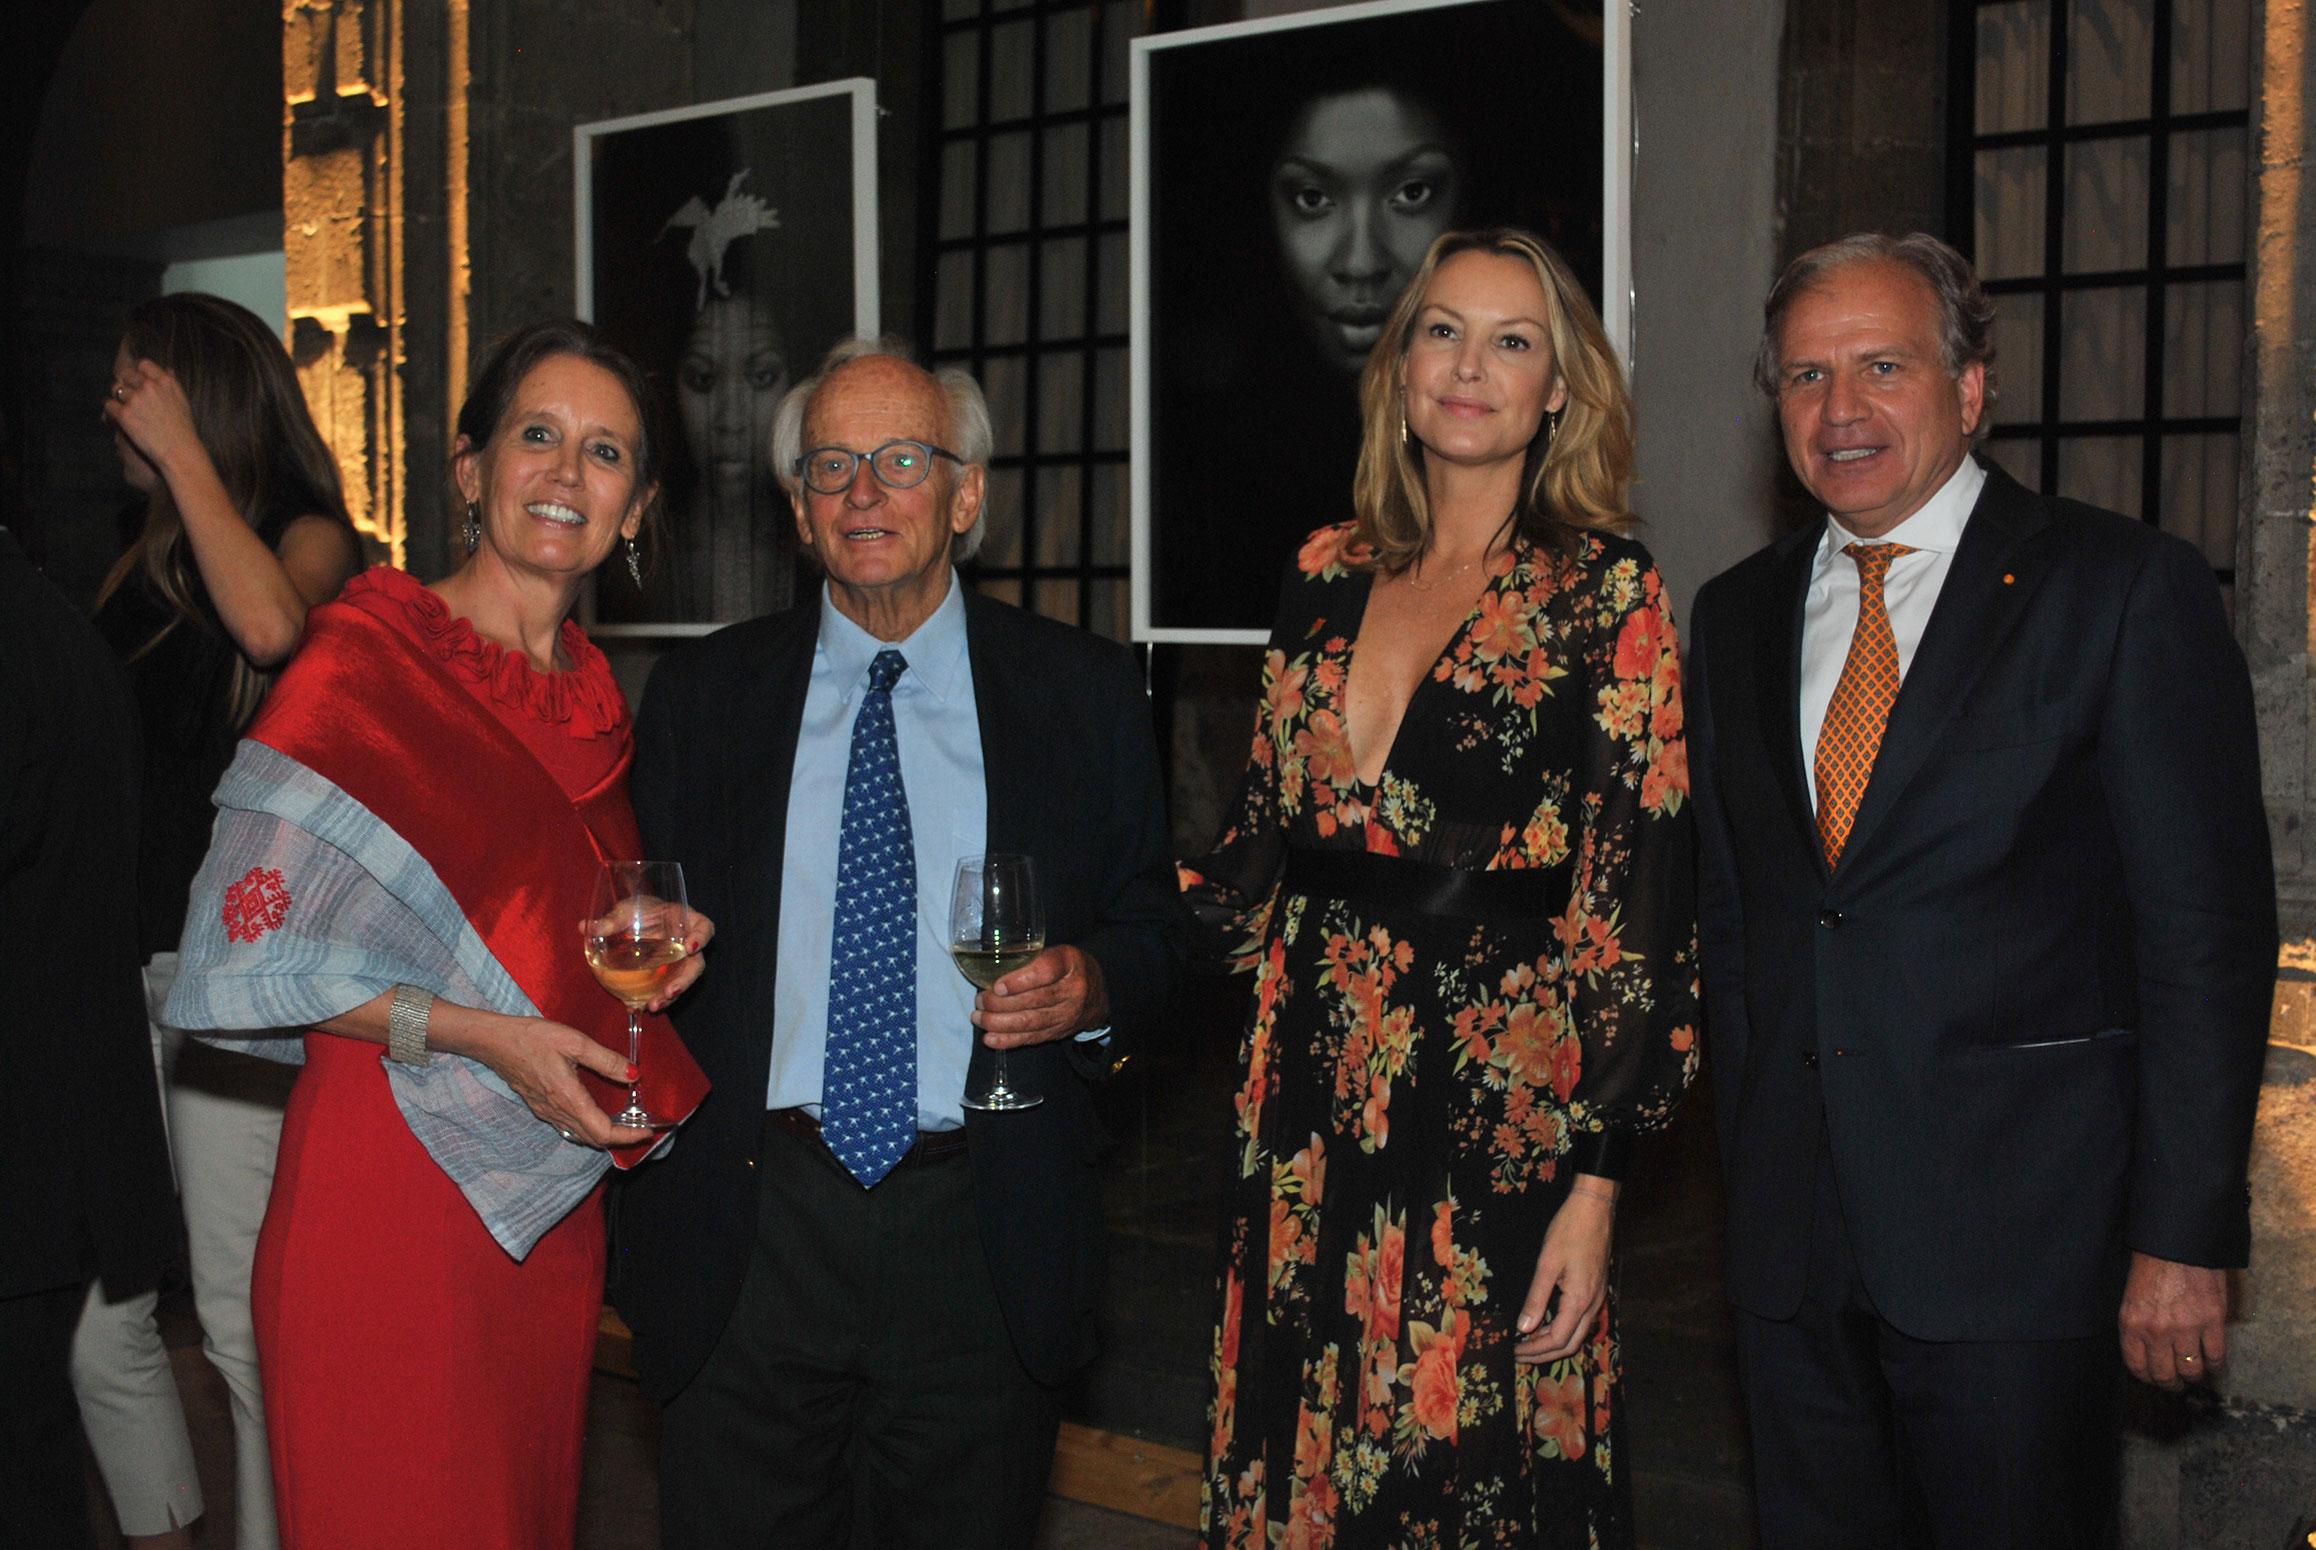 Anne-Marth Howegoning, esposa del embajador de los Países Bajos en México, con los fotógrafos Bob Schalkwijk y Micky Hoogendijk, y Coenraad Hendrik Adolph Howegoning, embajador de los Países Bajos